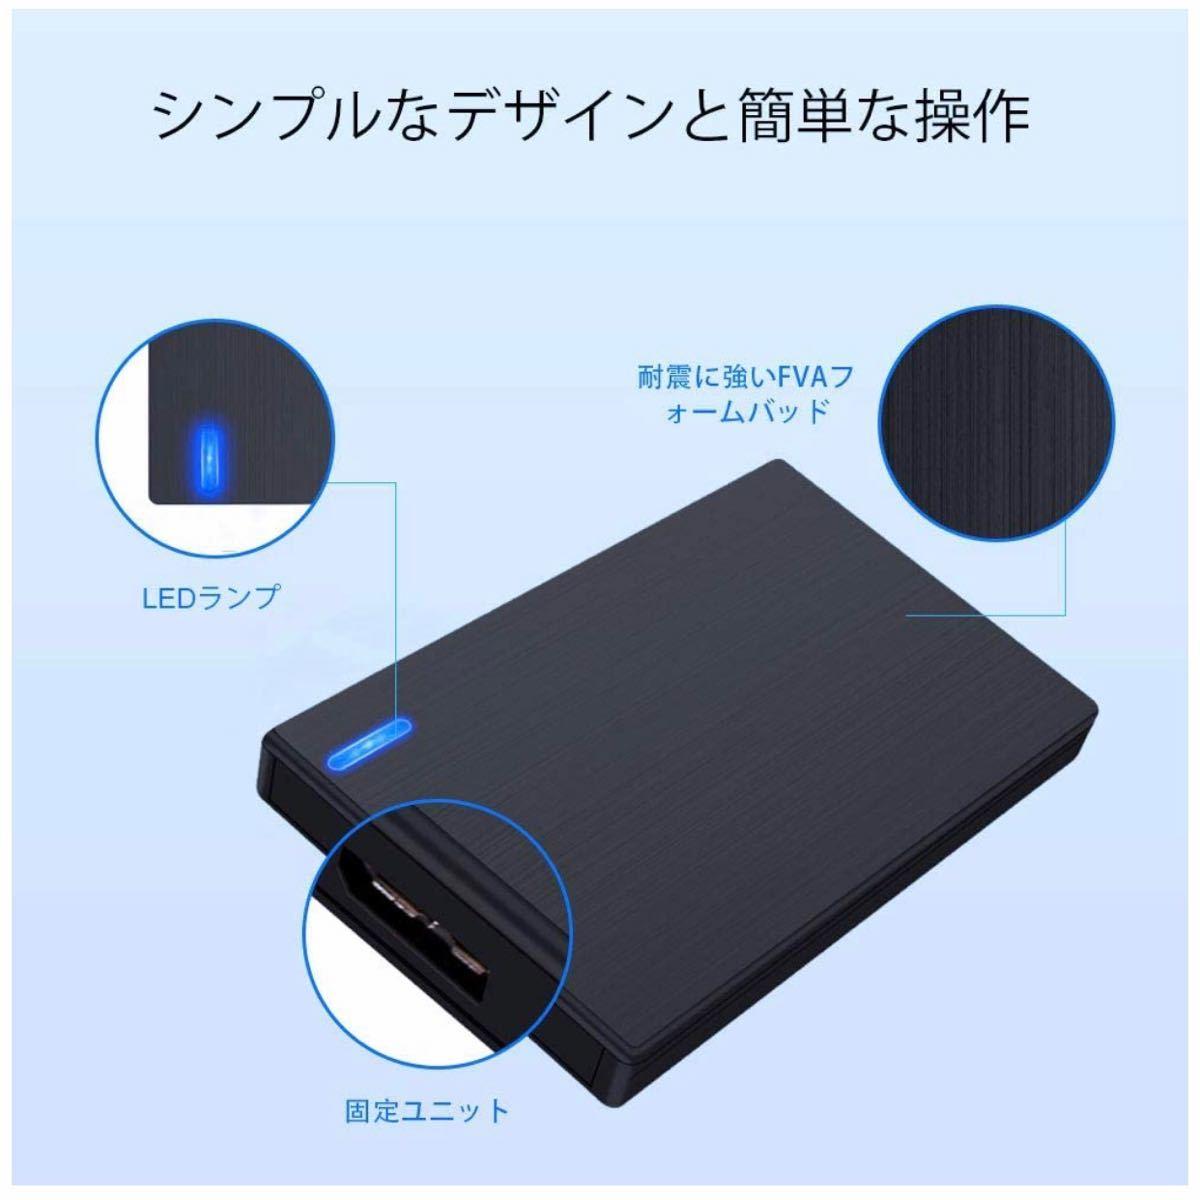 USB3.0 UASP 小型 外付ポータブルハードディスク 外付けHDD 640GB 大容量